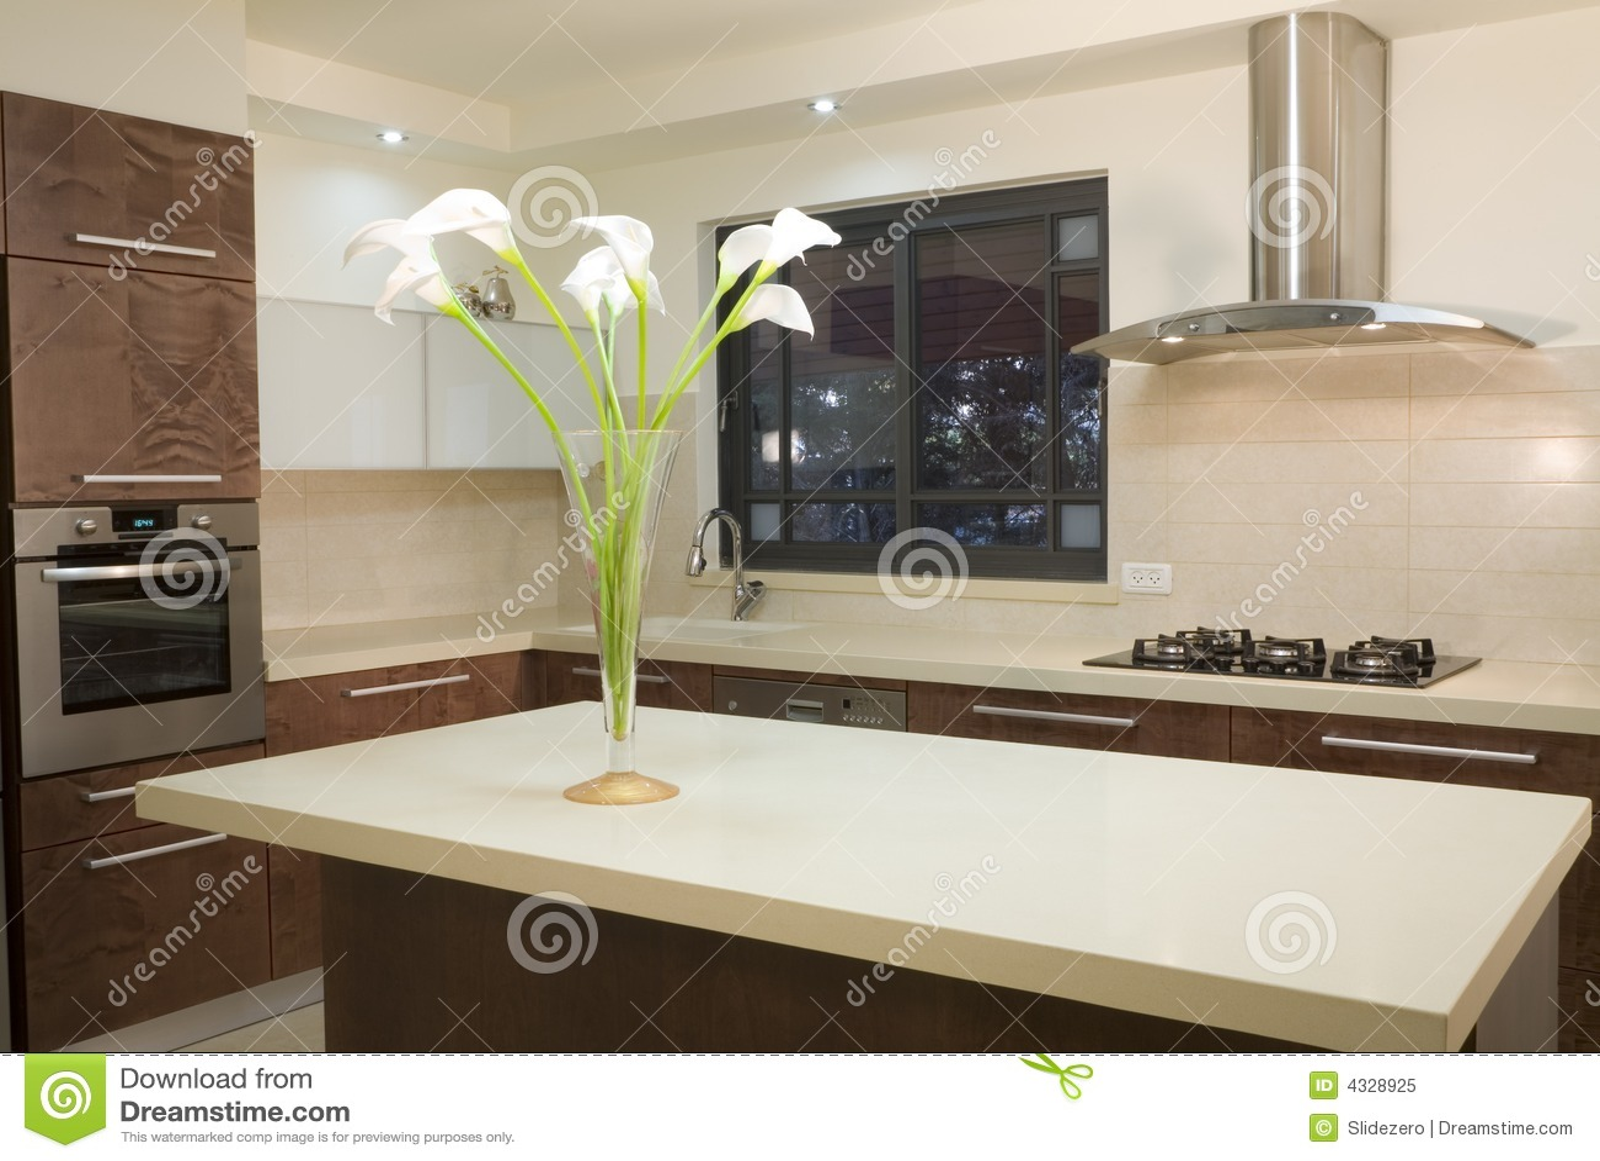 Disegno di lusso della cucina immagine stock immagine di for Disegno cucina